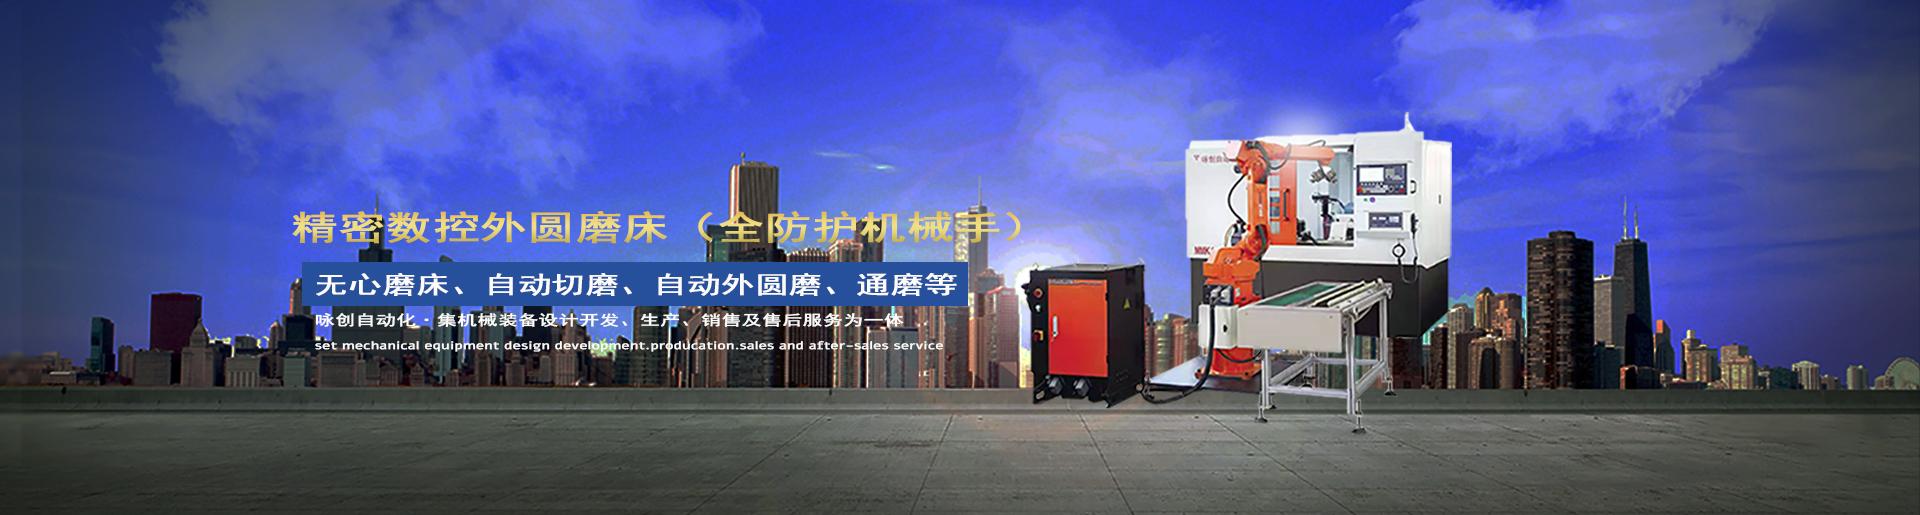 自动送料机,机床送料机,数控送料机